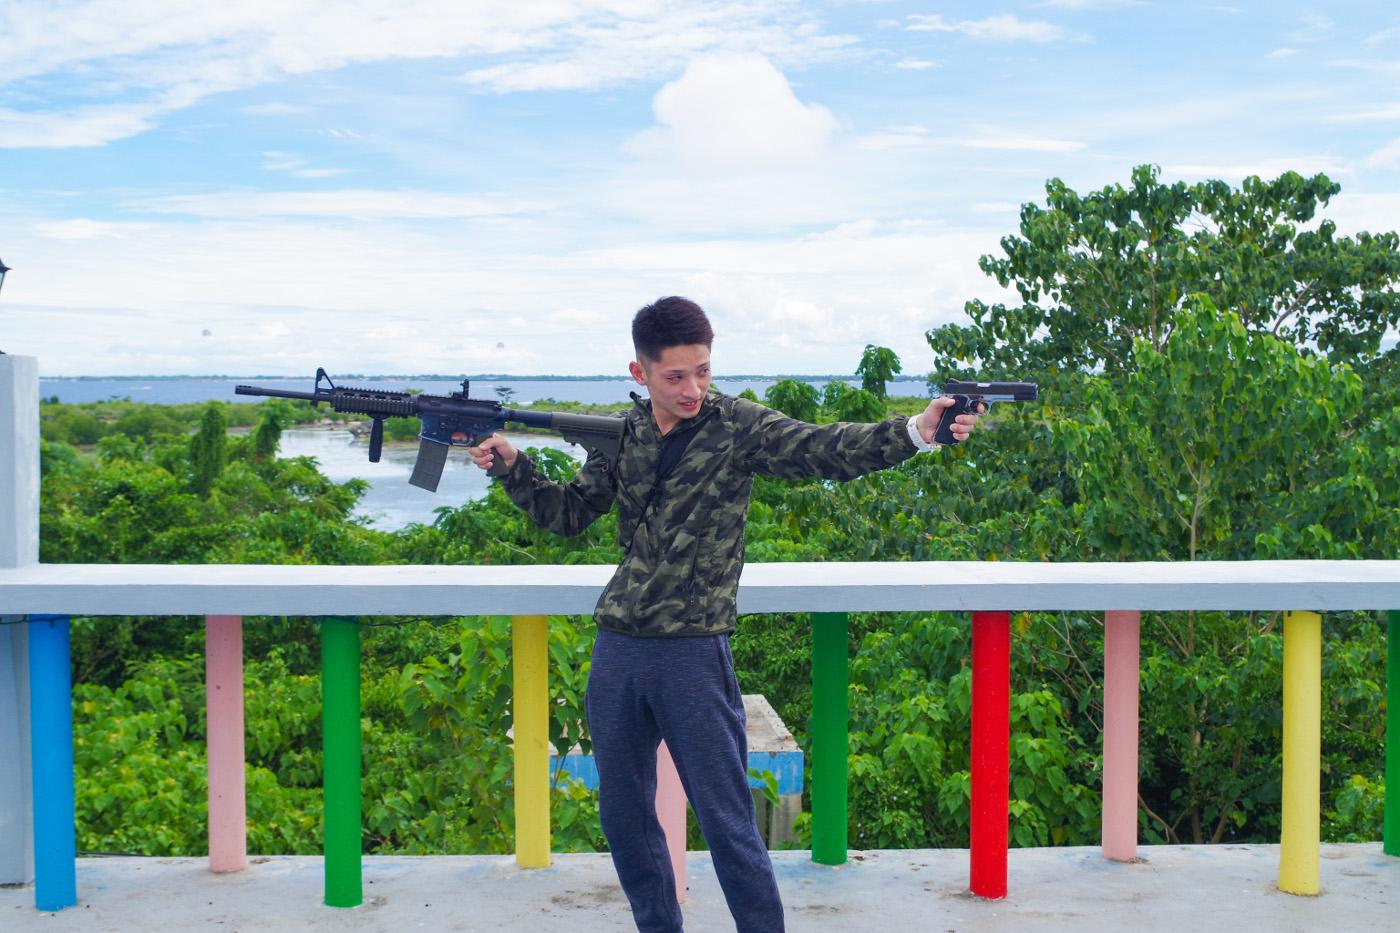 ライフルとハンドガンを構える男性